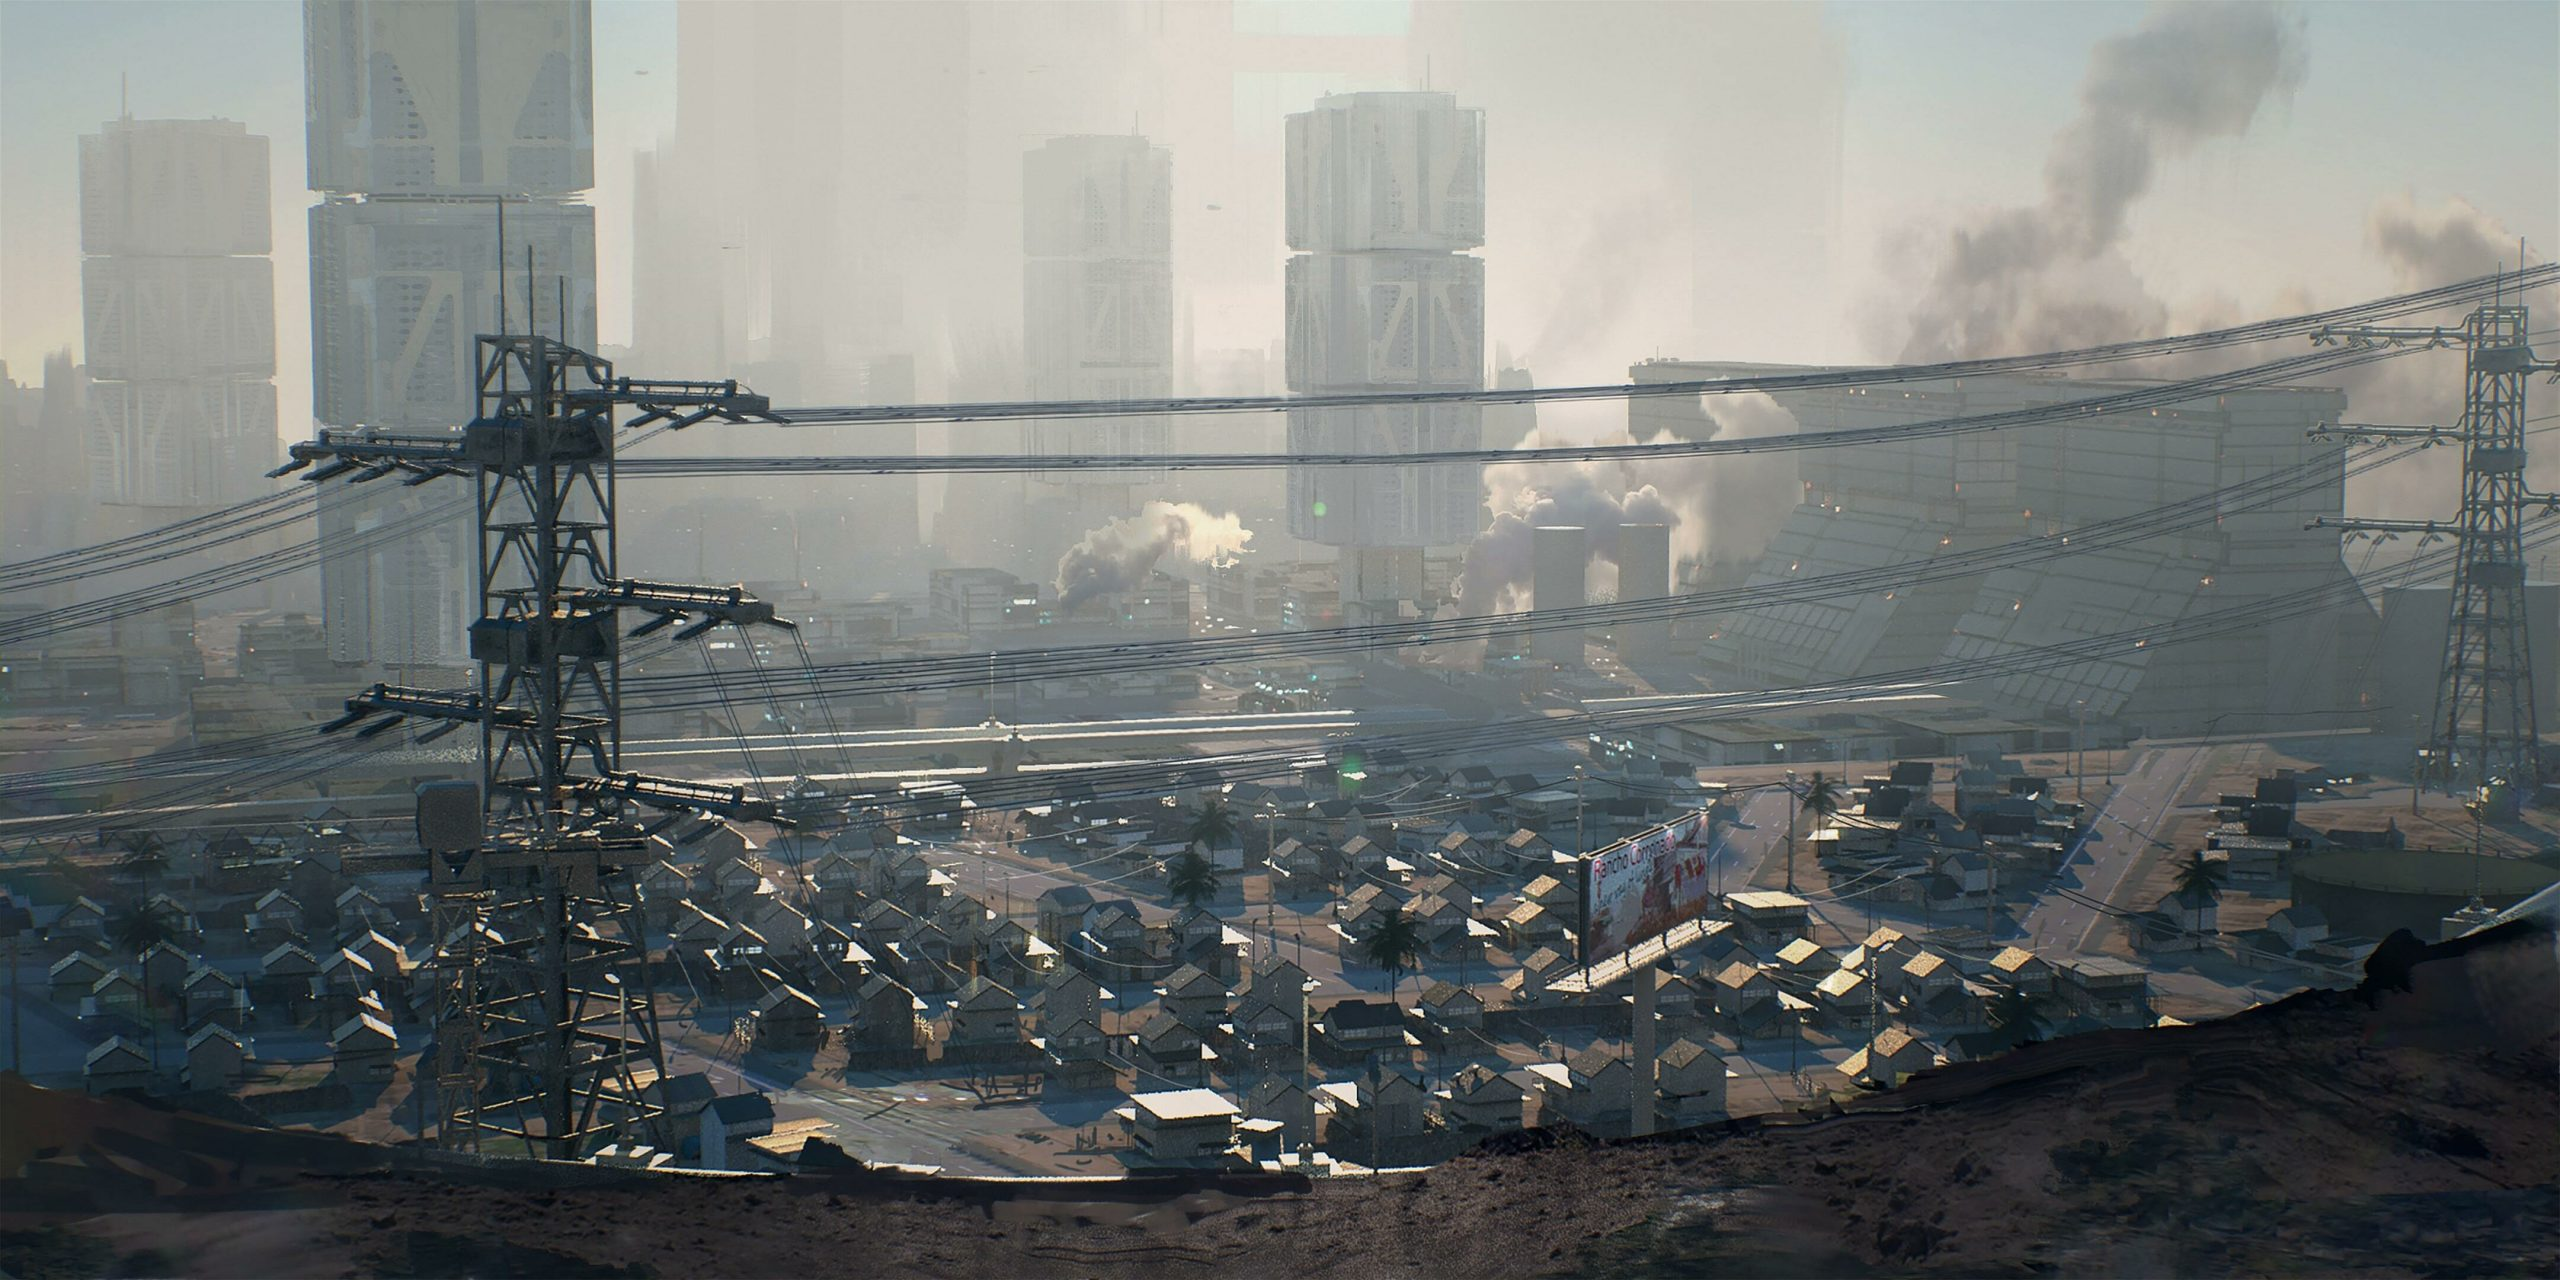 Трейлер, геймплей ианиме отTrigger — что показали напрезентации Cyberpunk 2077? 16